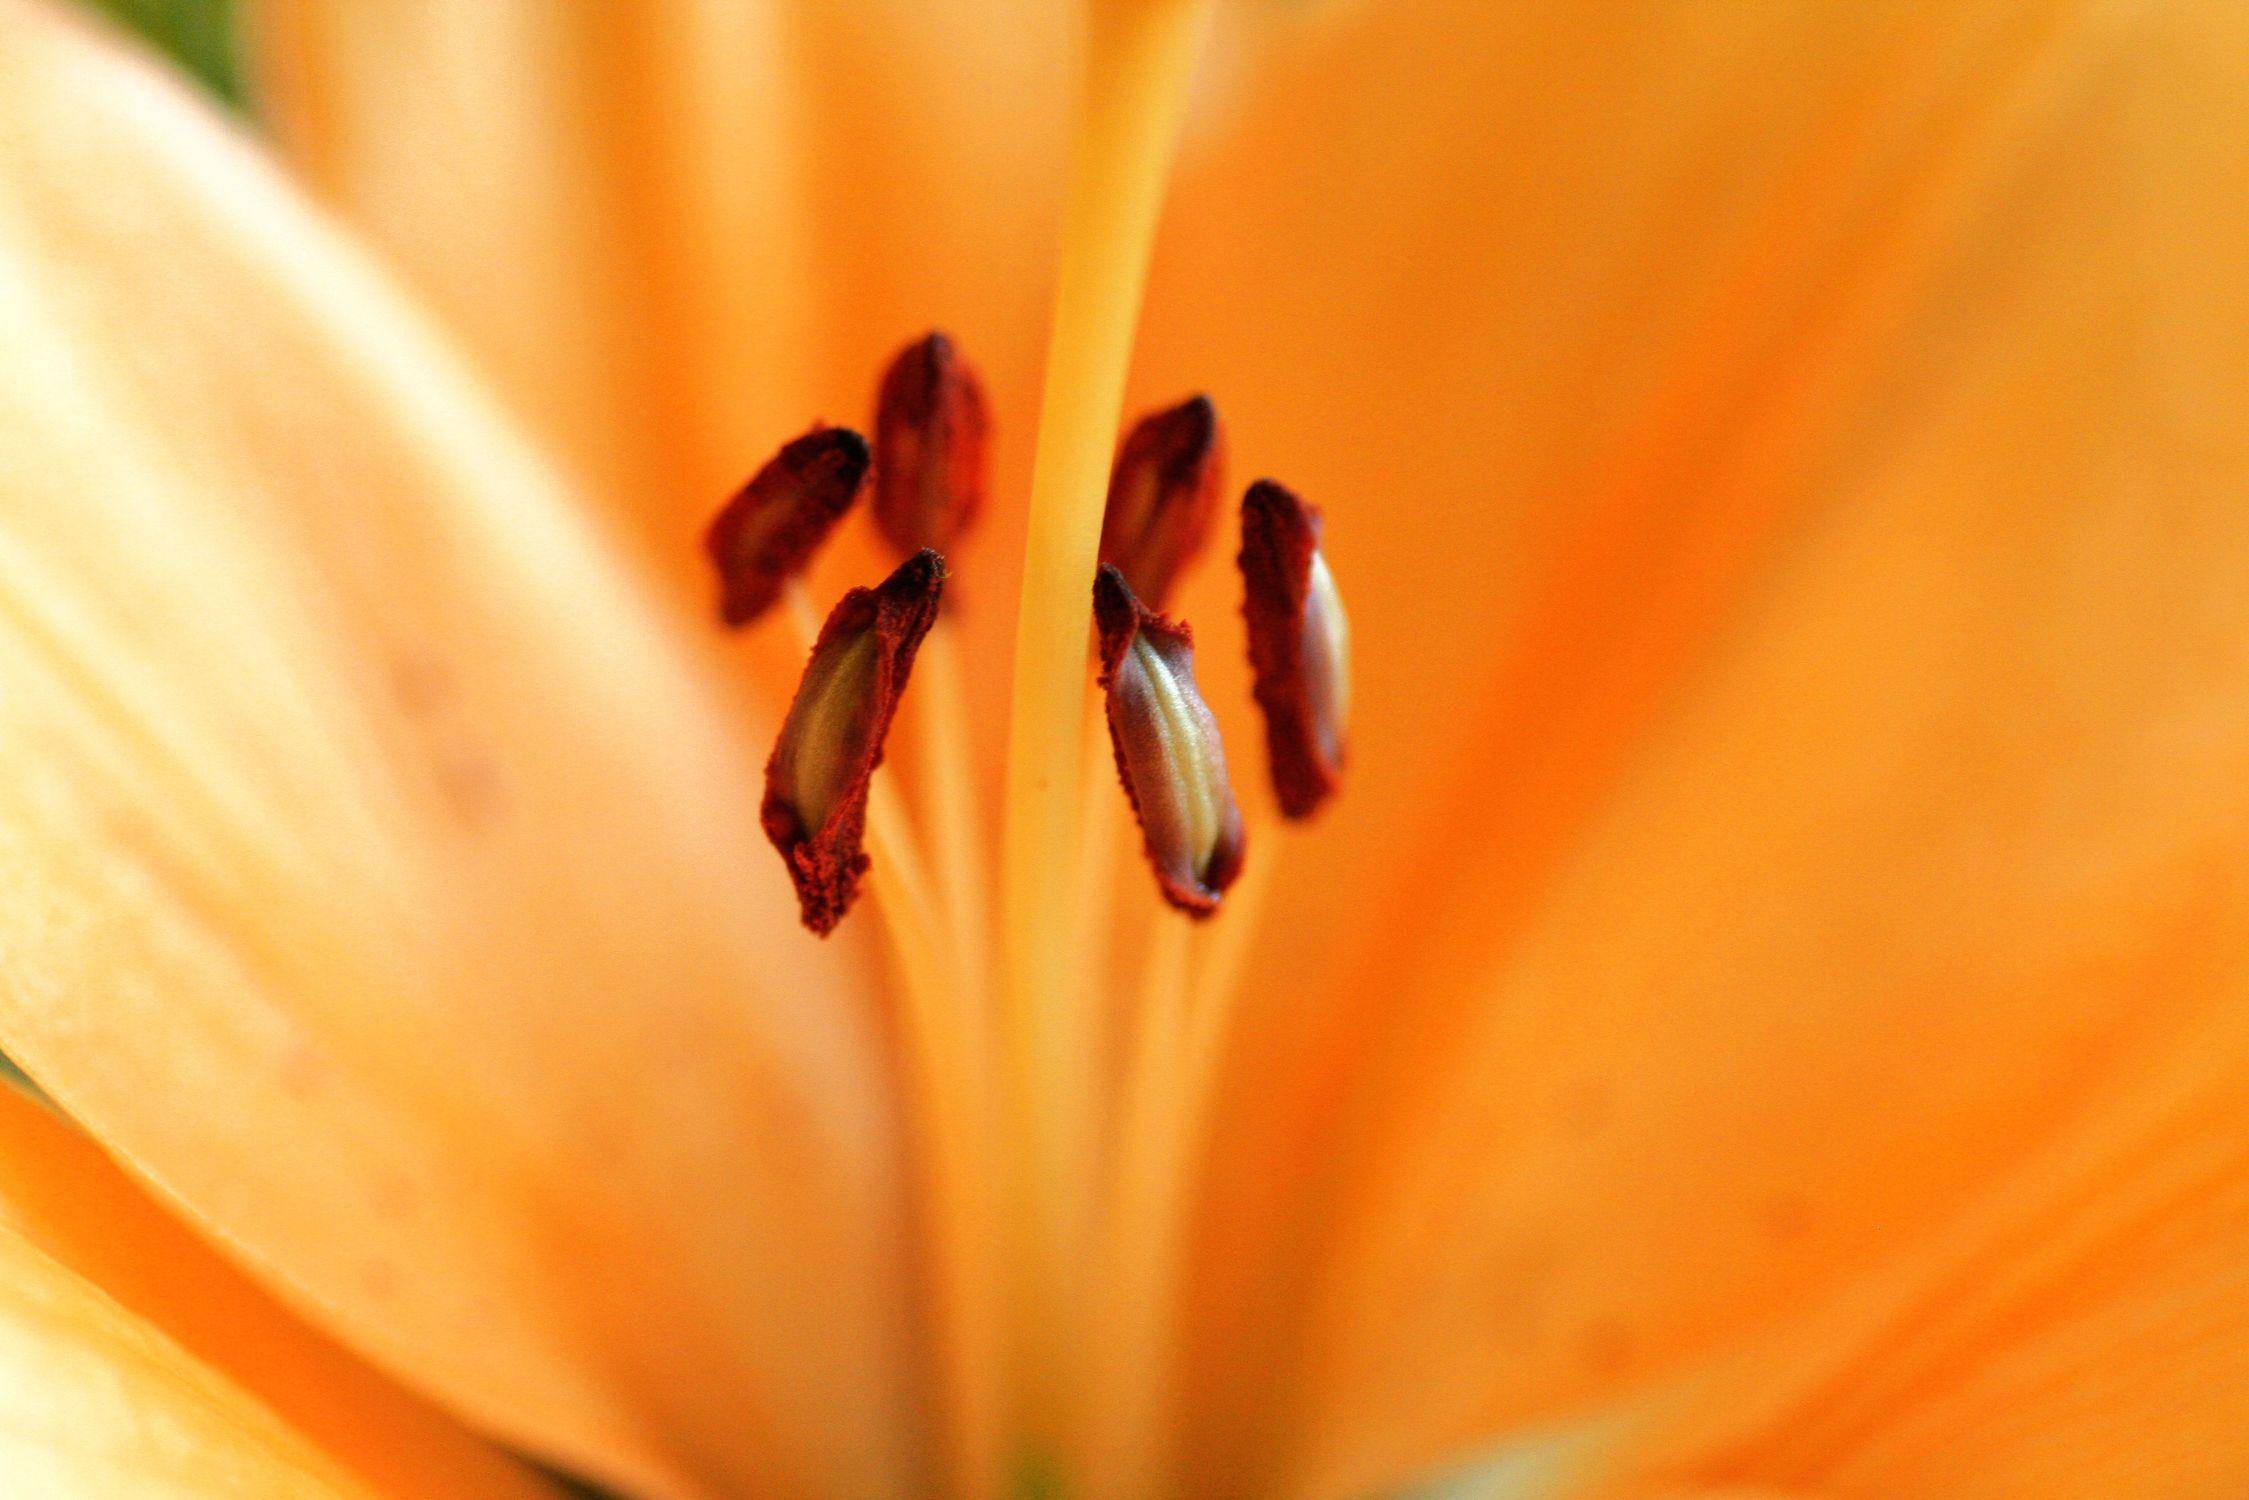 Bild mit Farben, Orange, Gelb, Natur, Pflanzen, Blumen, Blume, Pflanze, Lilie